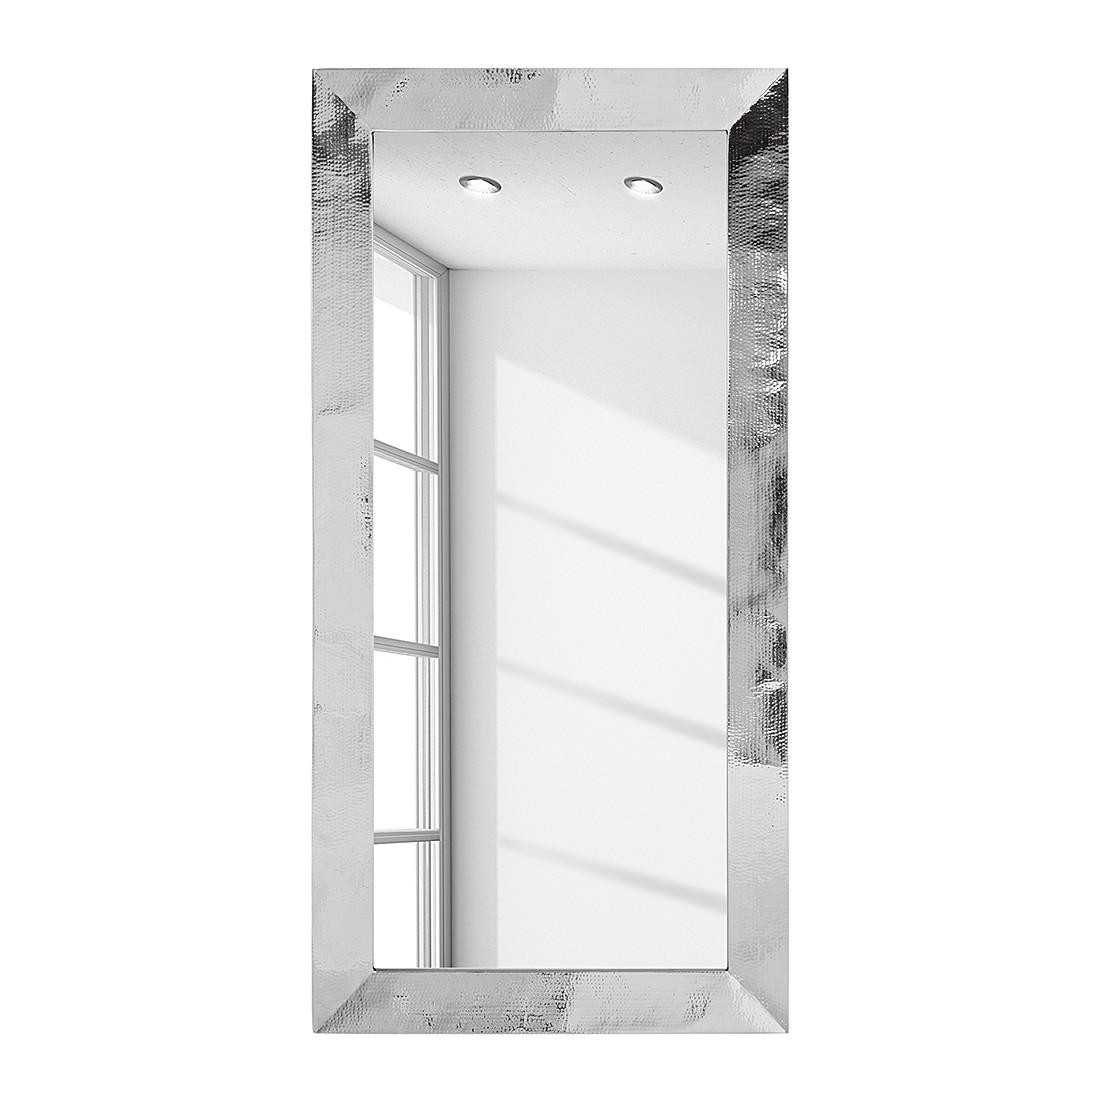 Spiegel Kare Design spiegel hammered 100 x 200 cm kare design günstig